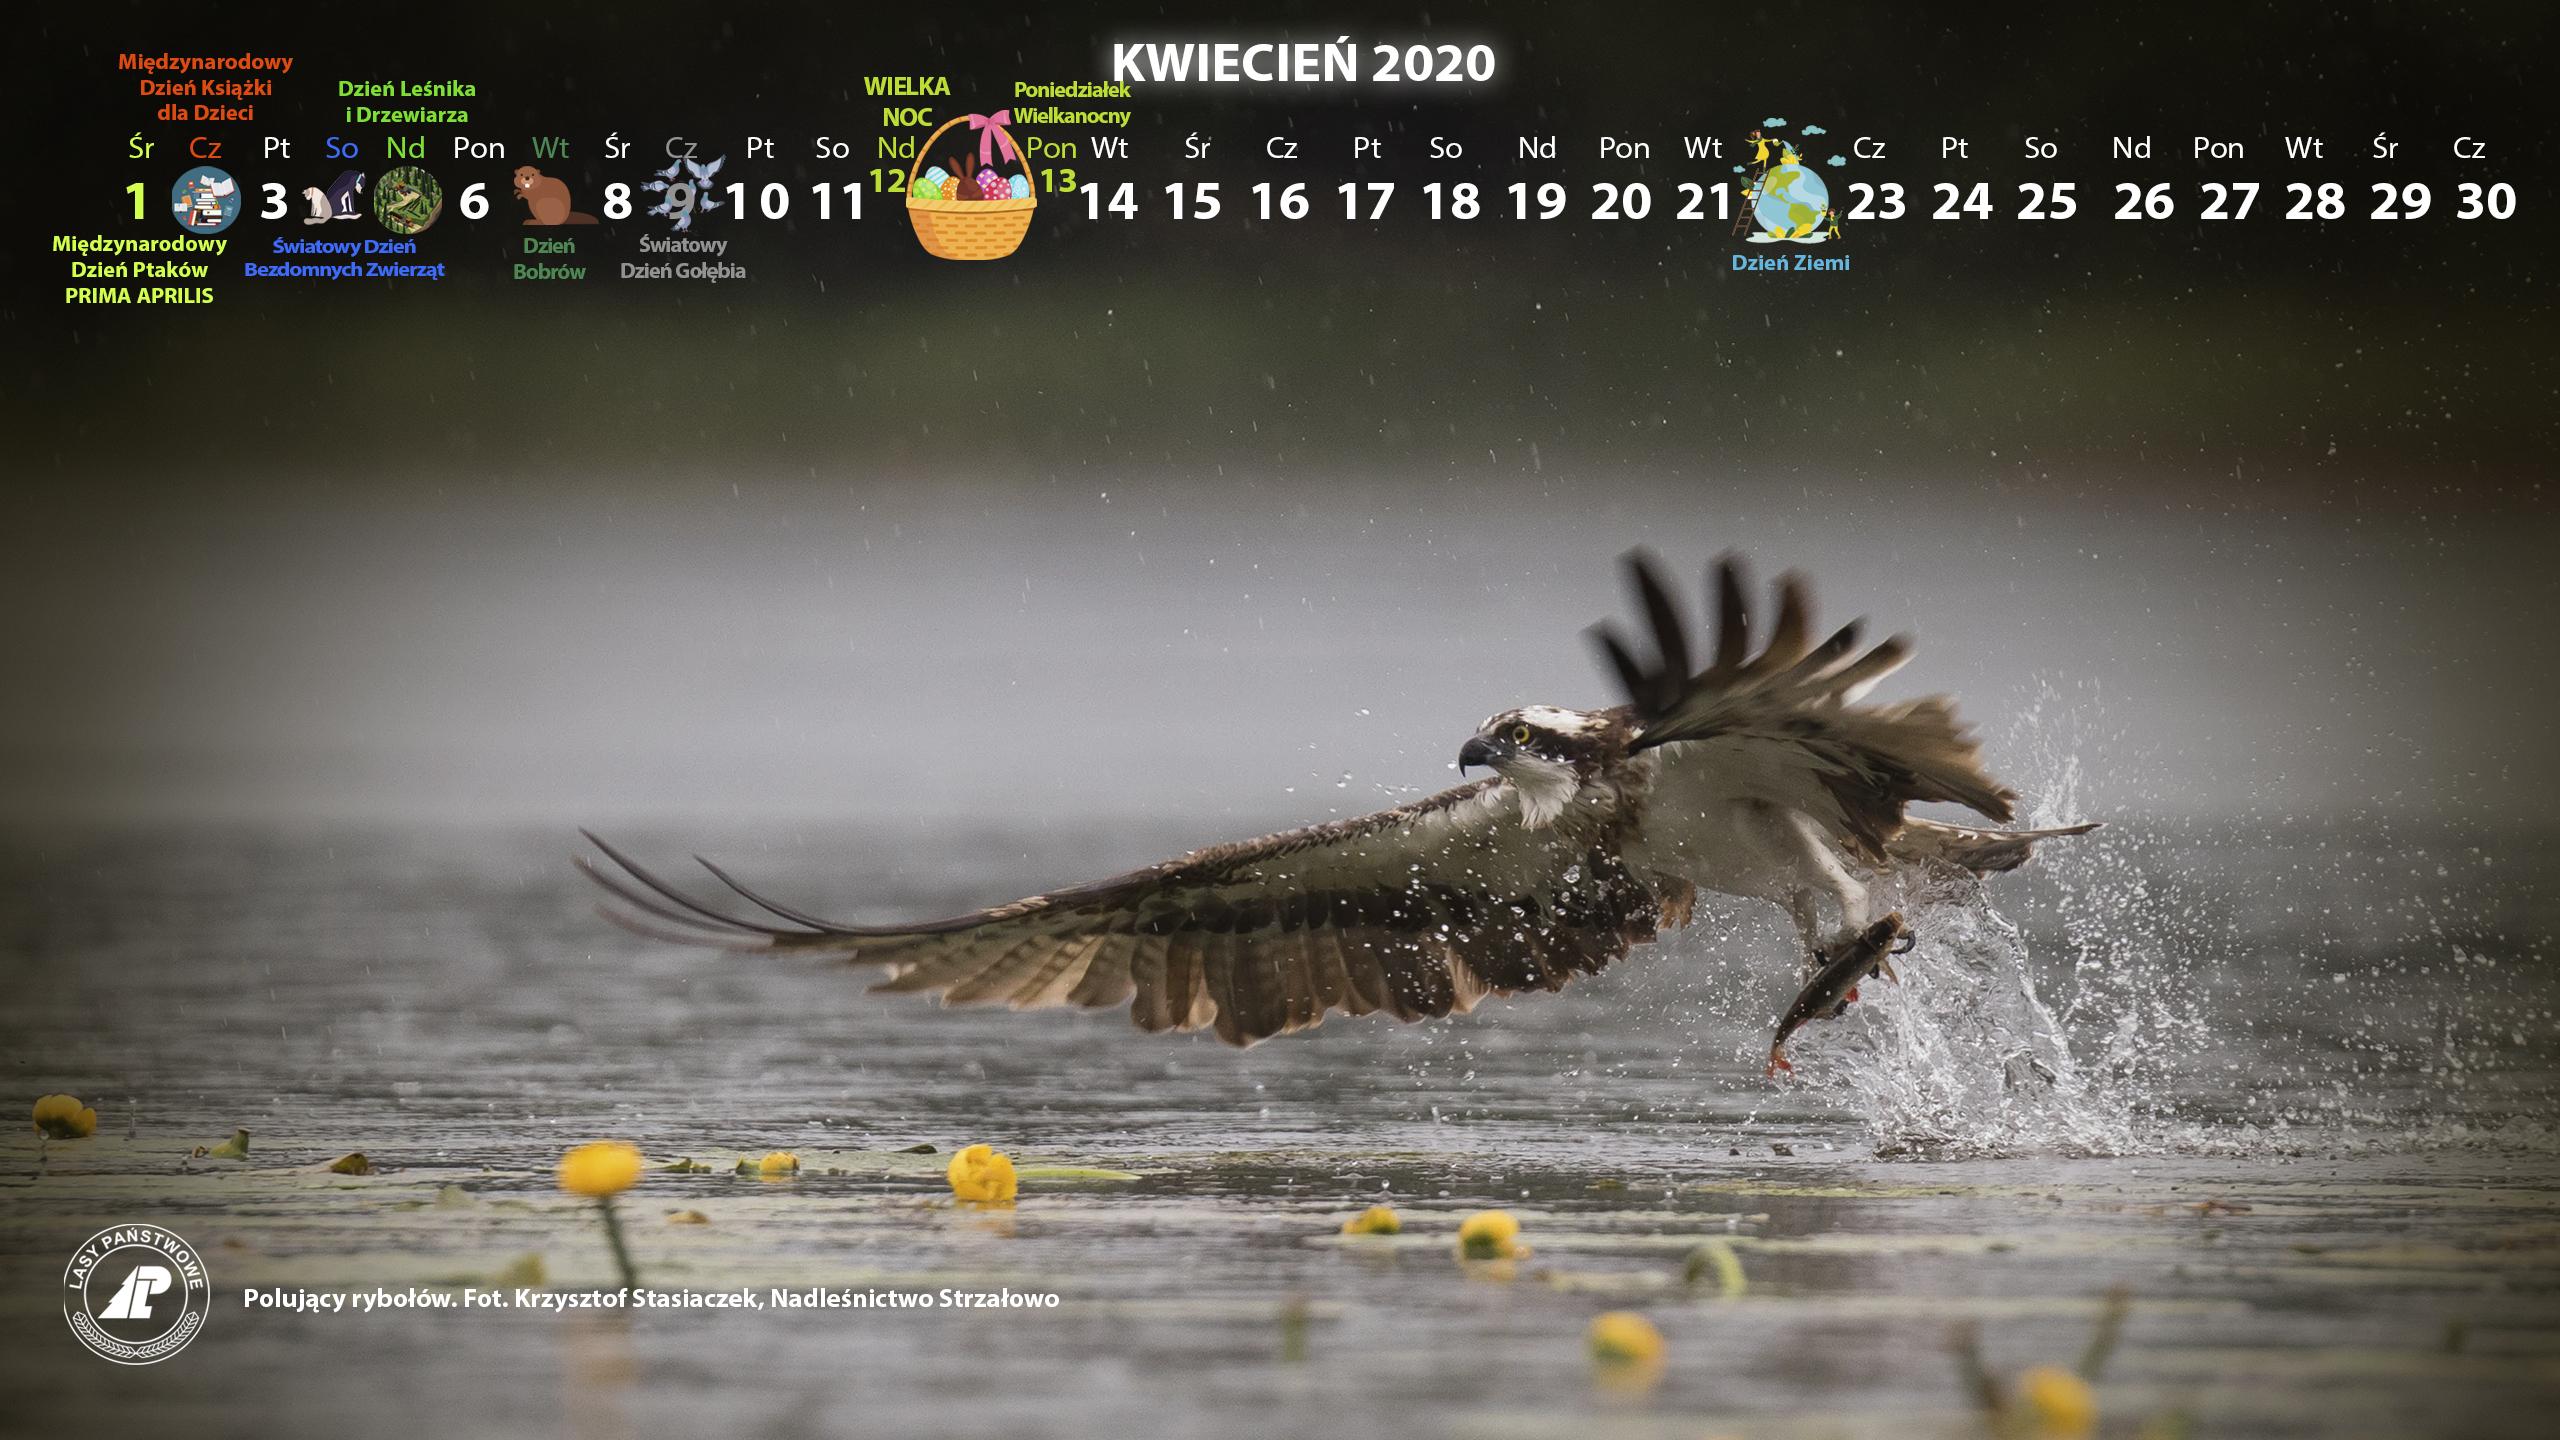 Kalendarz kwiecień 2019 2560x1440.jpg